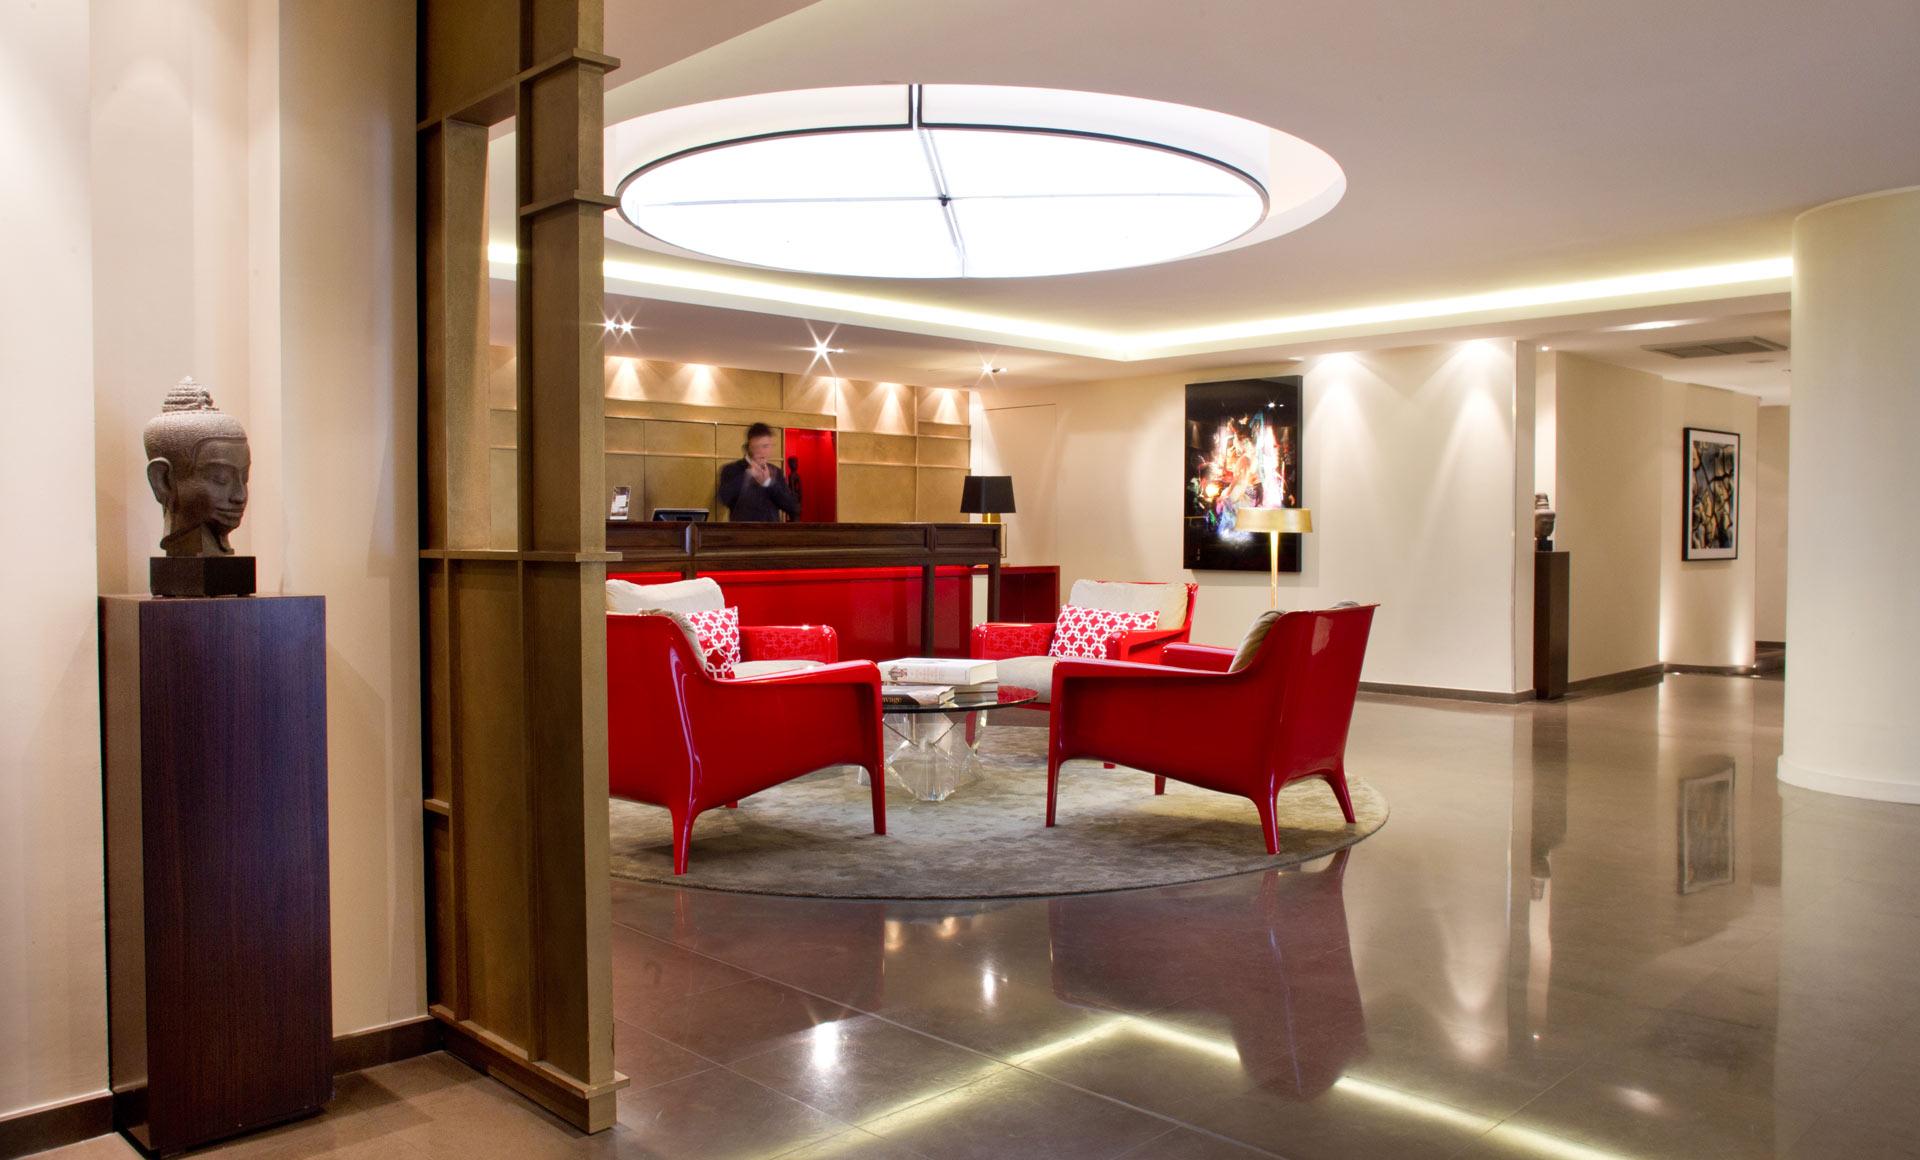 Hotel beauchamps sur h tel paris for Hotel booking paris